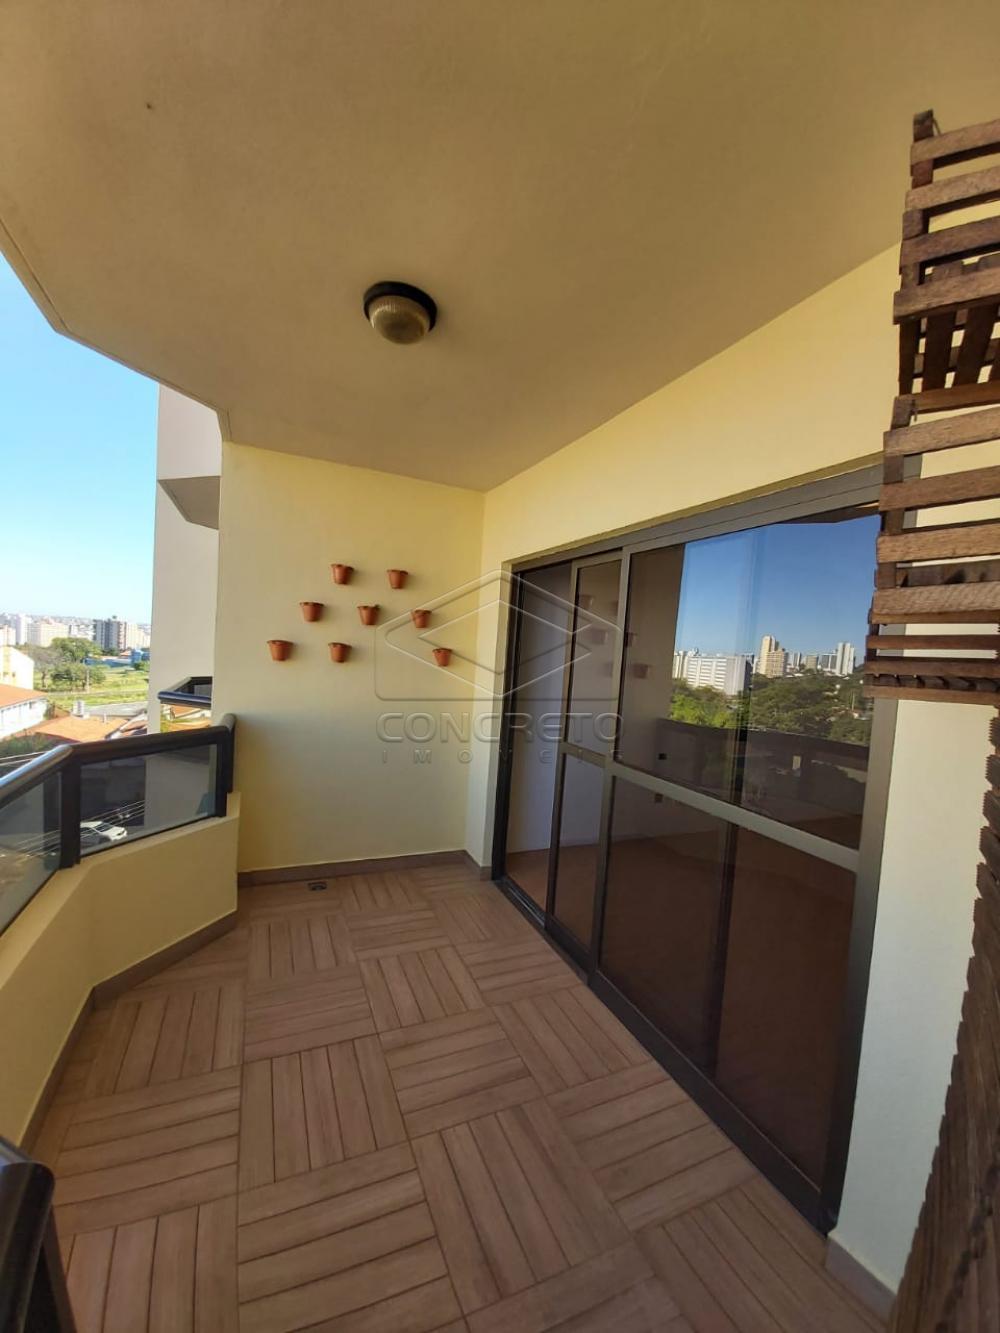 Comprar Apartamento / Padrão em Bauru R$ 510.000,00 - Foto 1